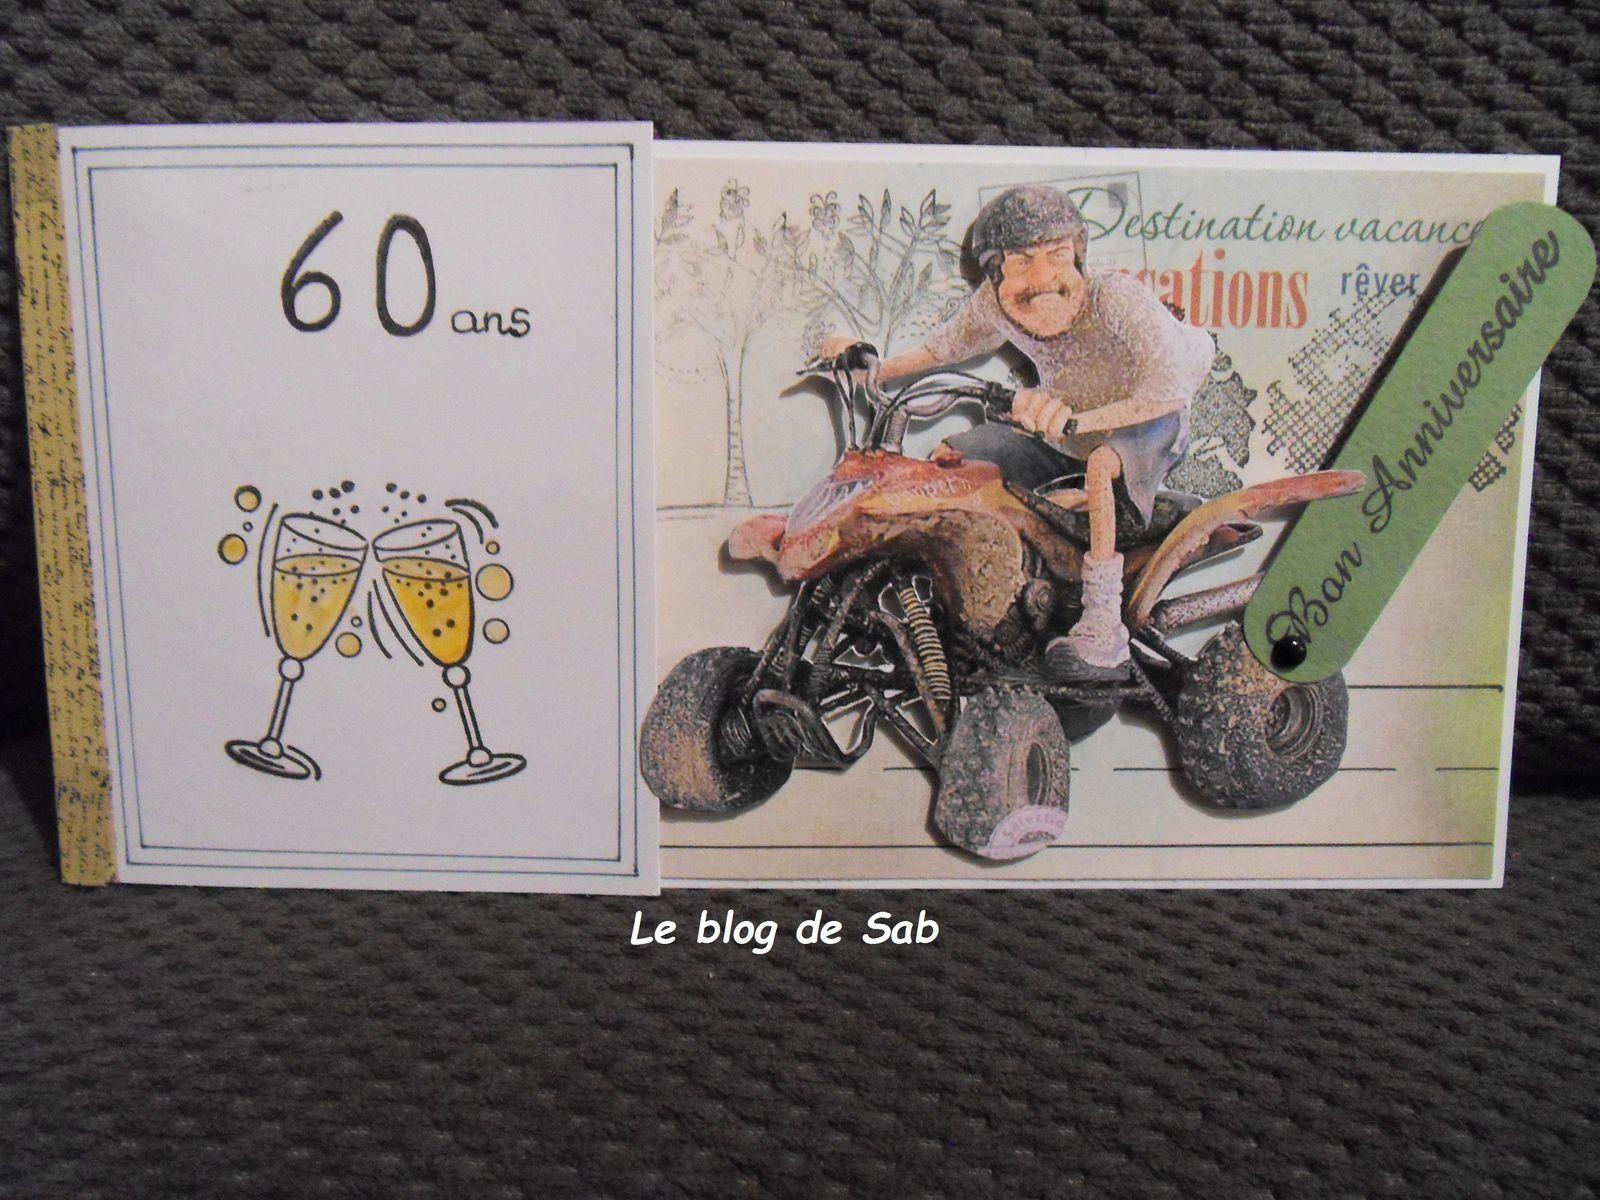 Carte Anniversaire 60 Ans Et Retraite, Carte concernant Texte Humoristique Pour Invitation Anniversaire 60 Ans